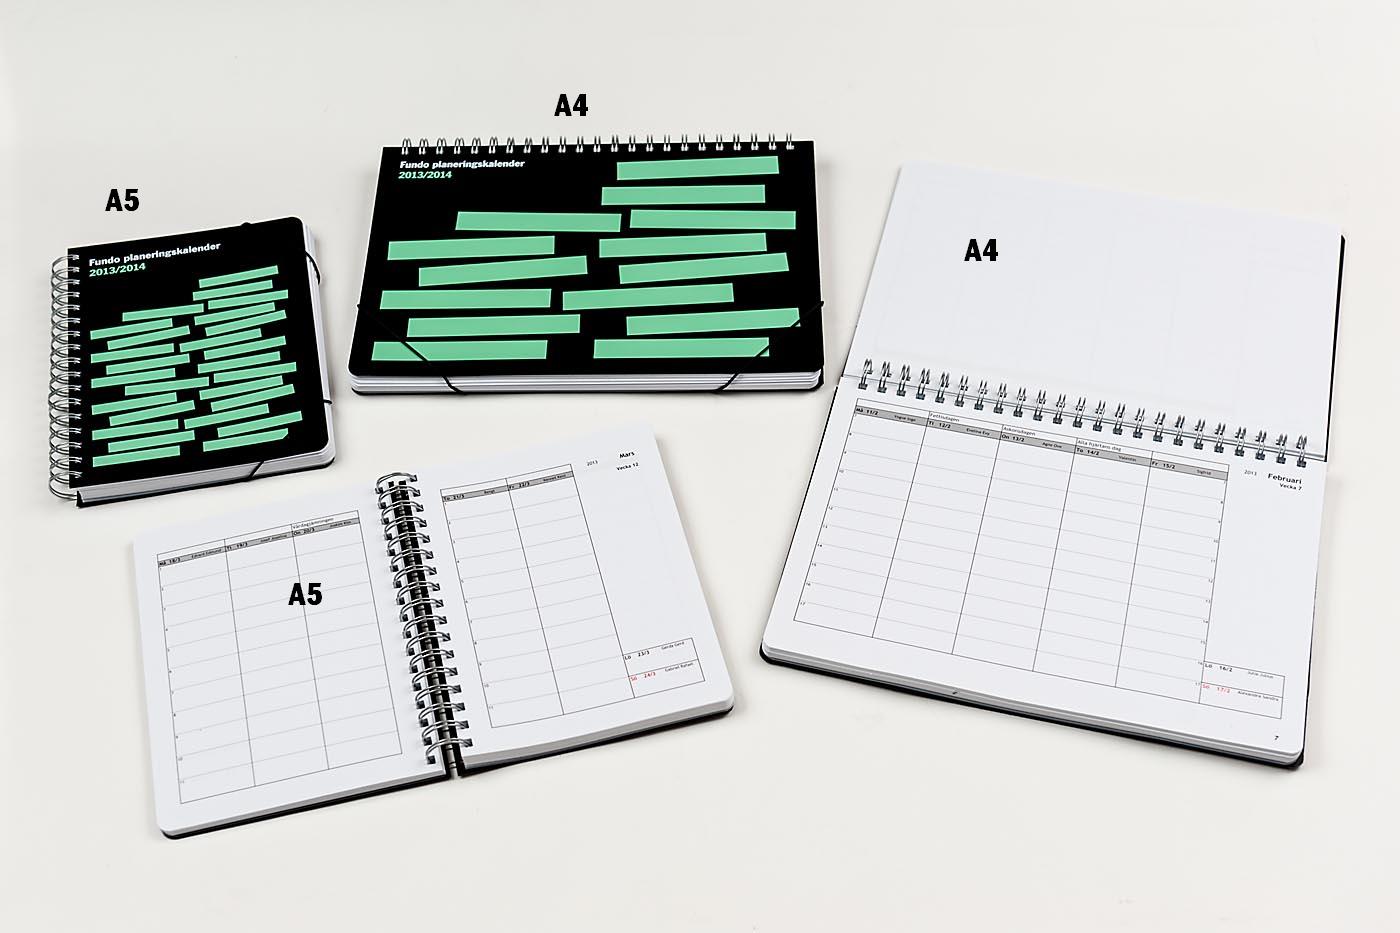 kalender 2015 & almanacka 2015 allt inom filofax och